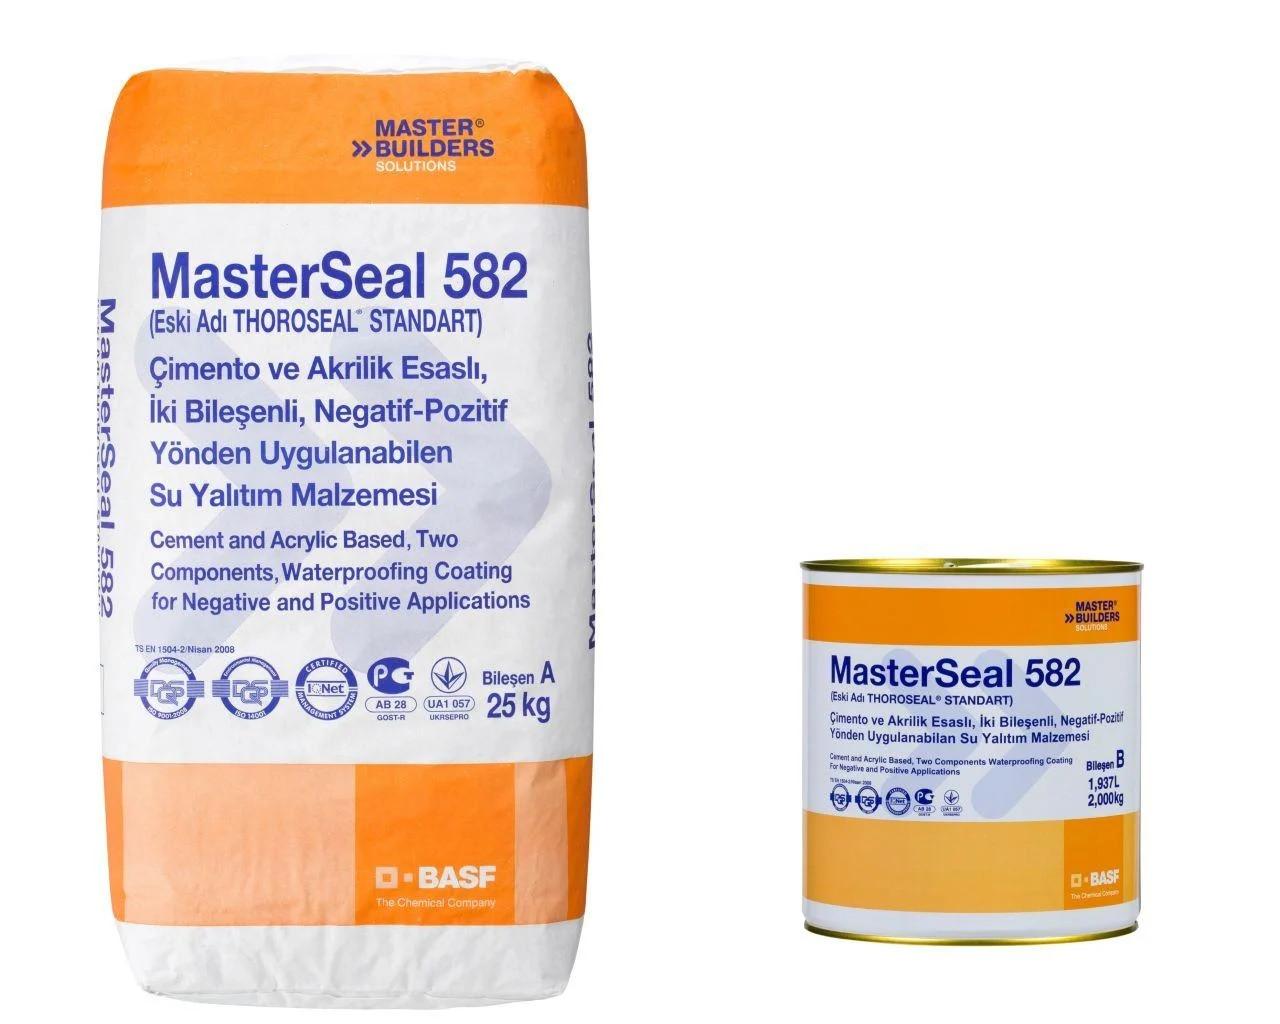 MasterSeal 582 цементно-акриловый гидроизоляционный состав (27кг)